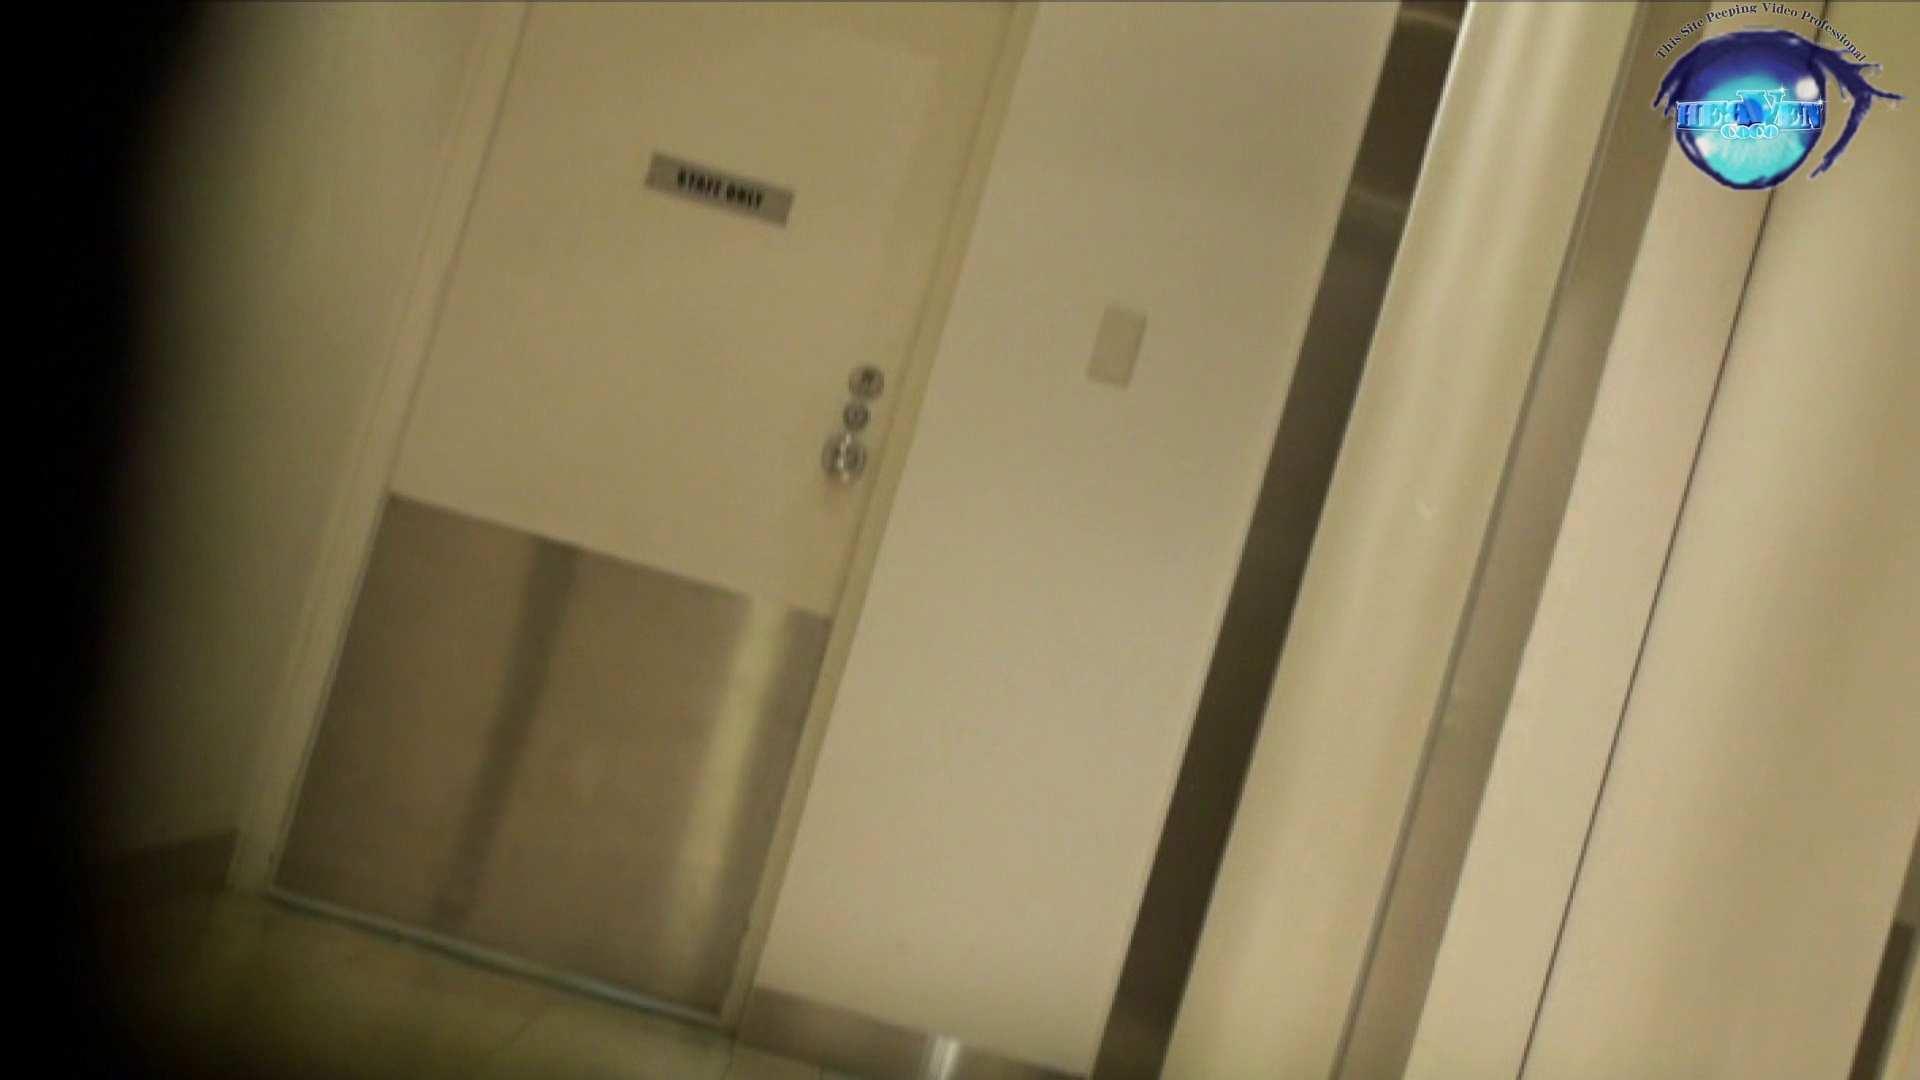 飛び出す黄金水!!!アトレ潜入 かわや盗撮 vol.07 盗撮 おまんこ無修正動画無料 52枚 15